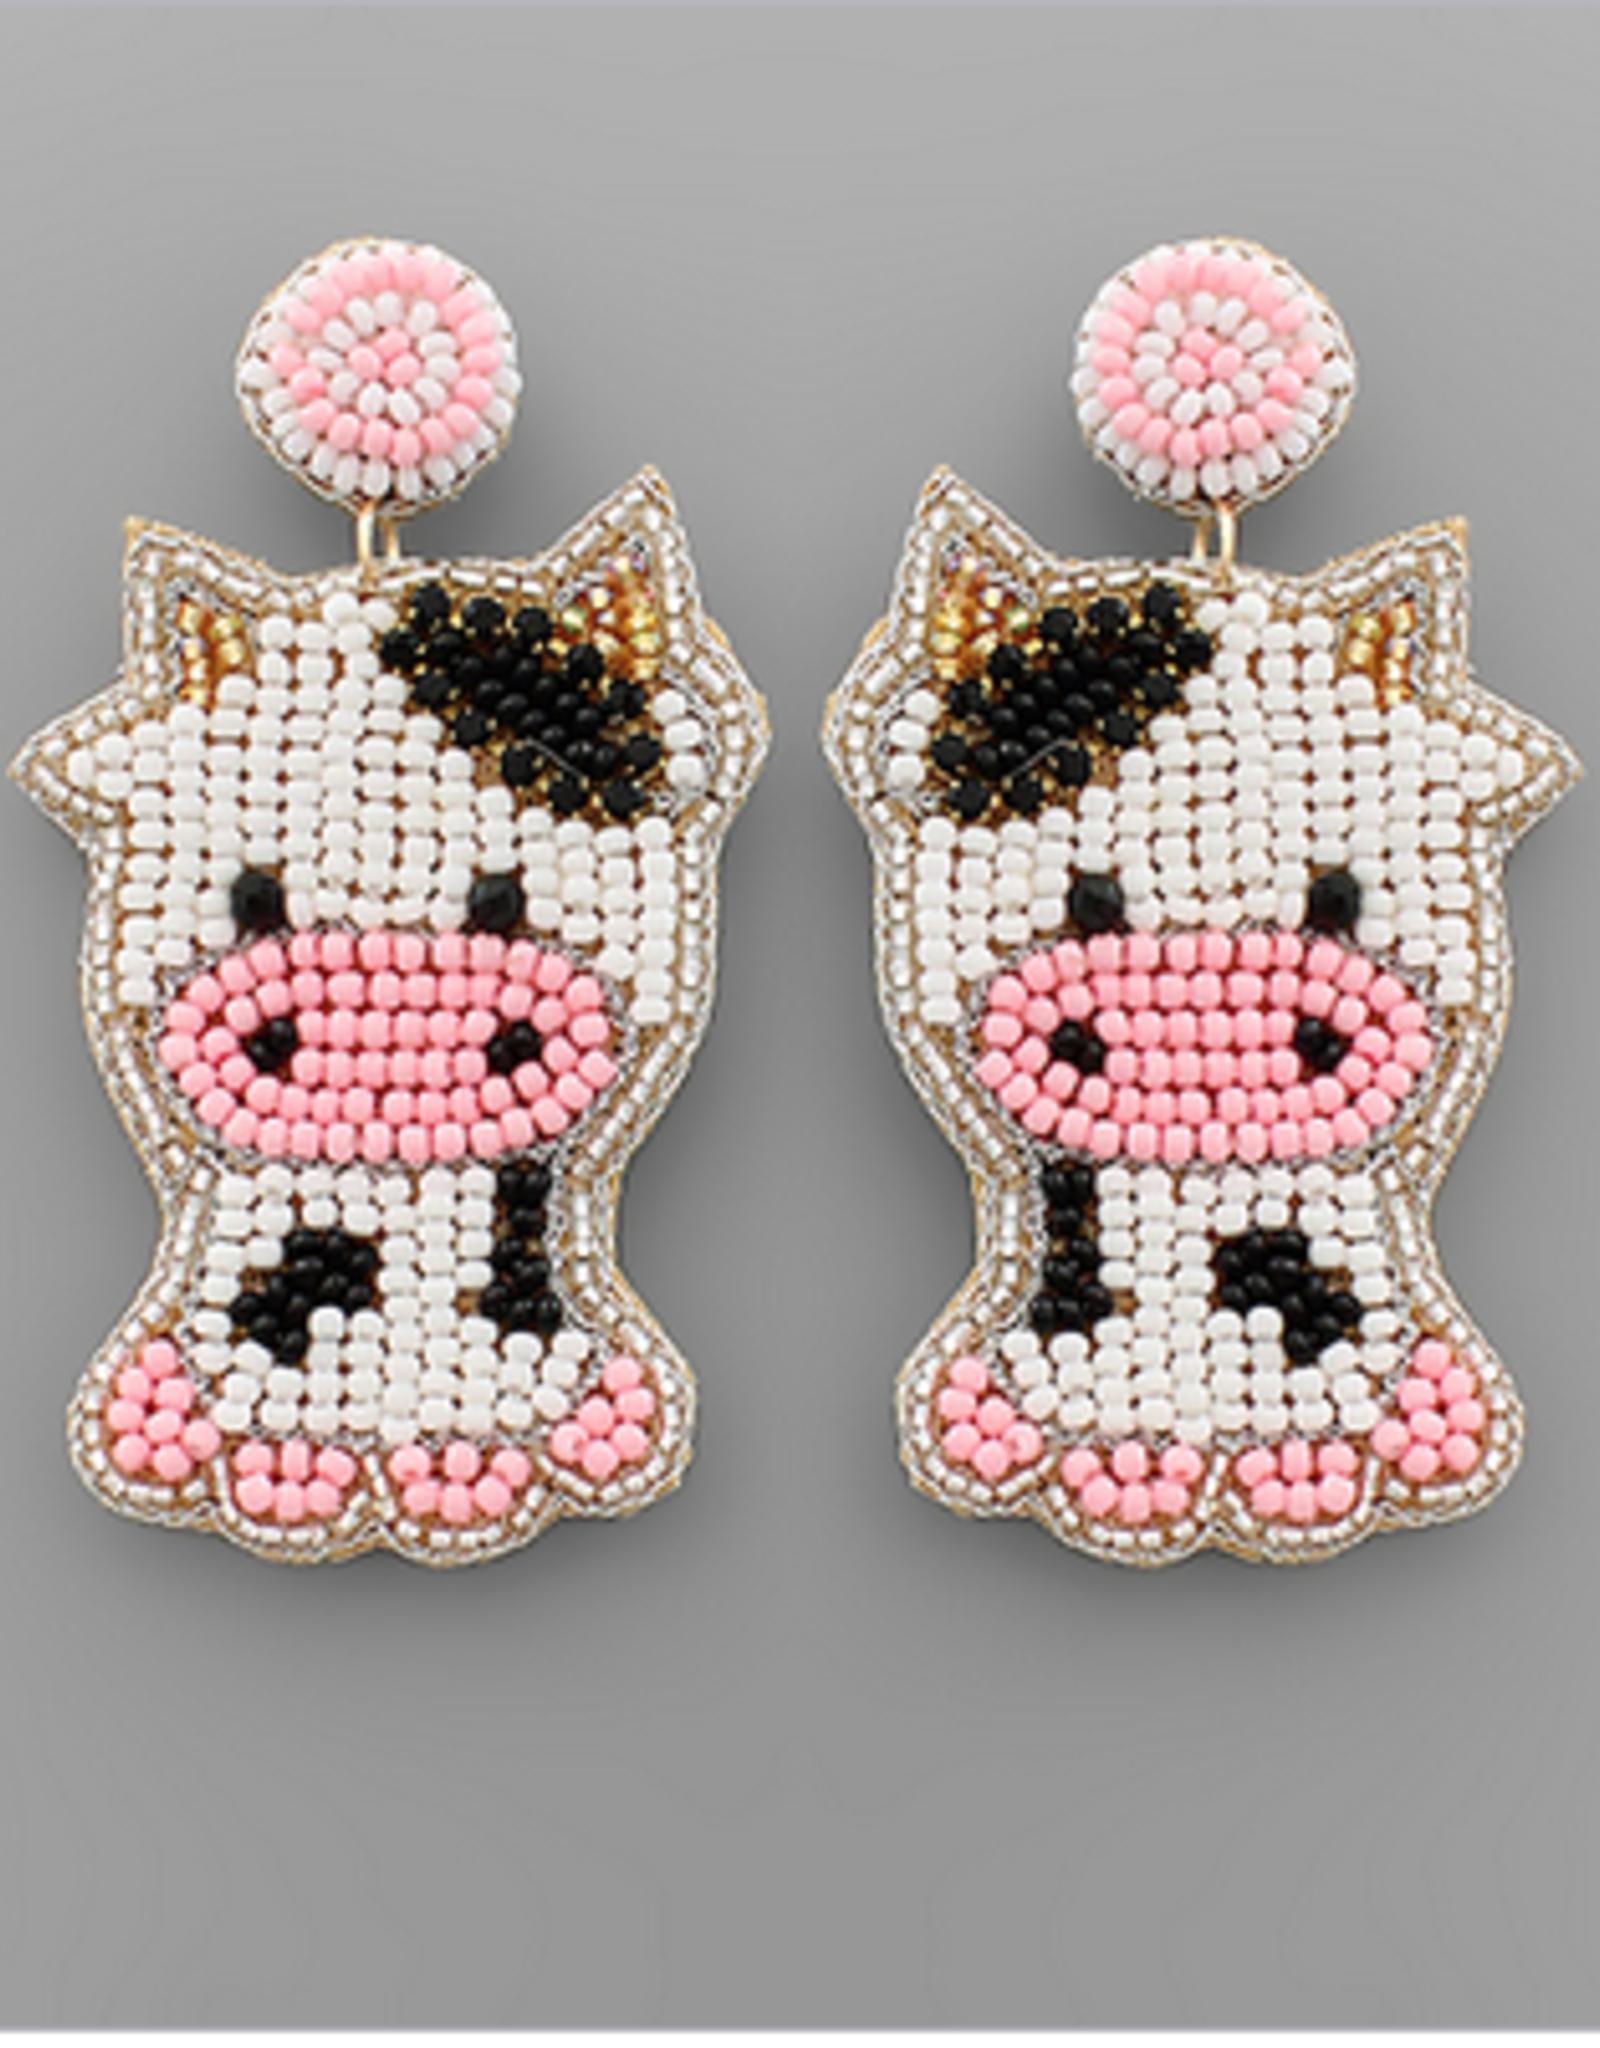 Golden Stella Beaded Cow Earrings, White